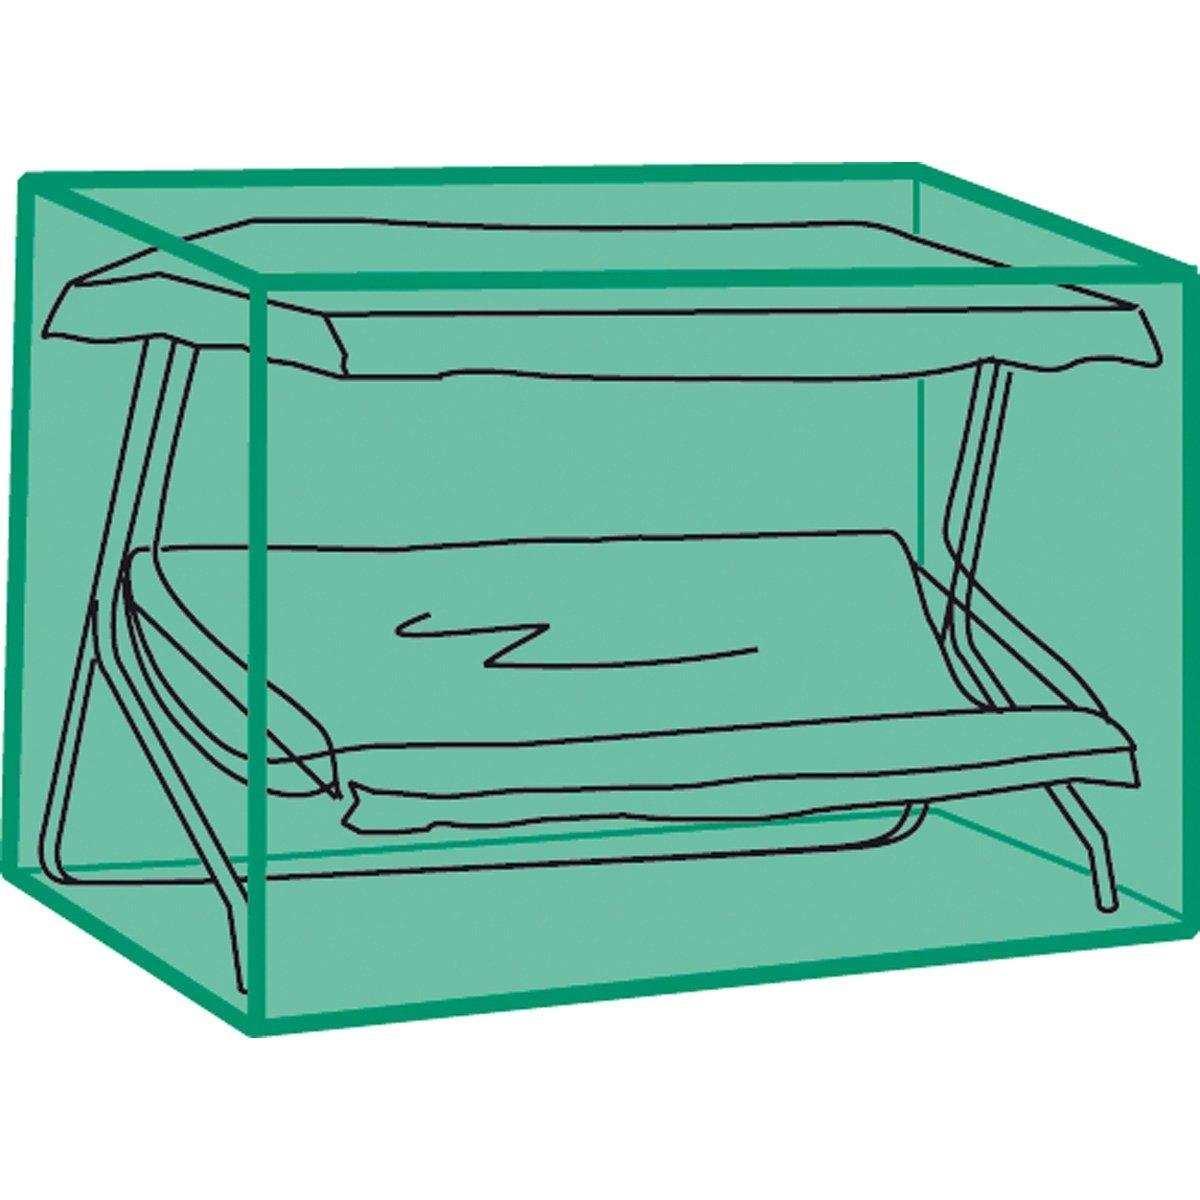 Чехол для садовой мебелиВысокое качество материала, герметичность, неподверженность гниению. Описание чехла :- Выполнен из спаянного полиэтилена.- Нержавеющие люверсы.- Система быстрого складывания.- Цвет зеленый полупрозрачный.Подходит для использования с любыми моделями садовых качелей .<br><br>Цвет: зеленый